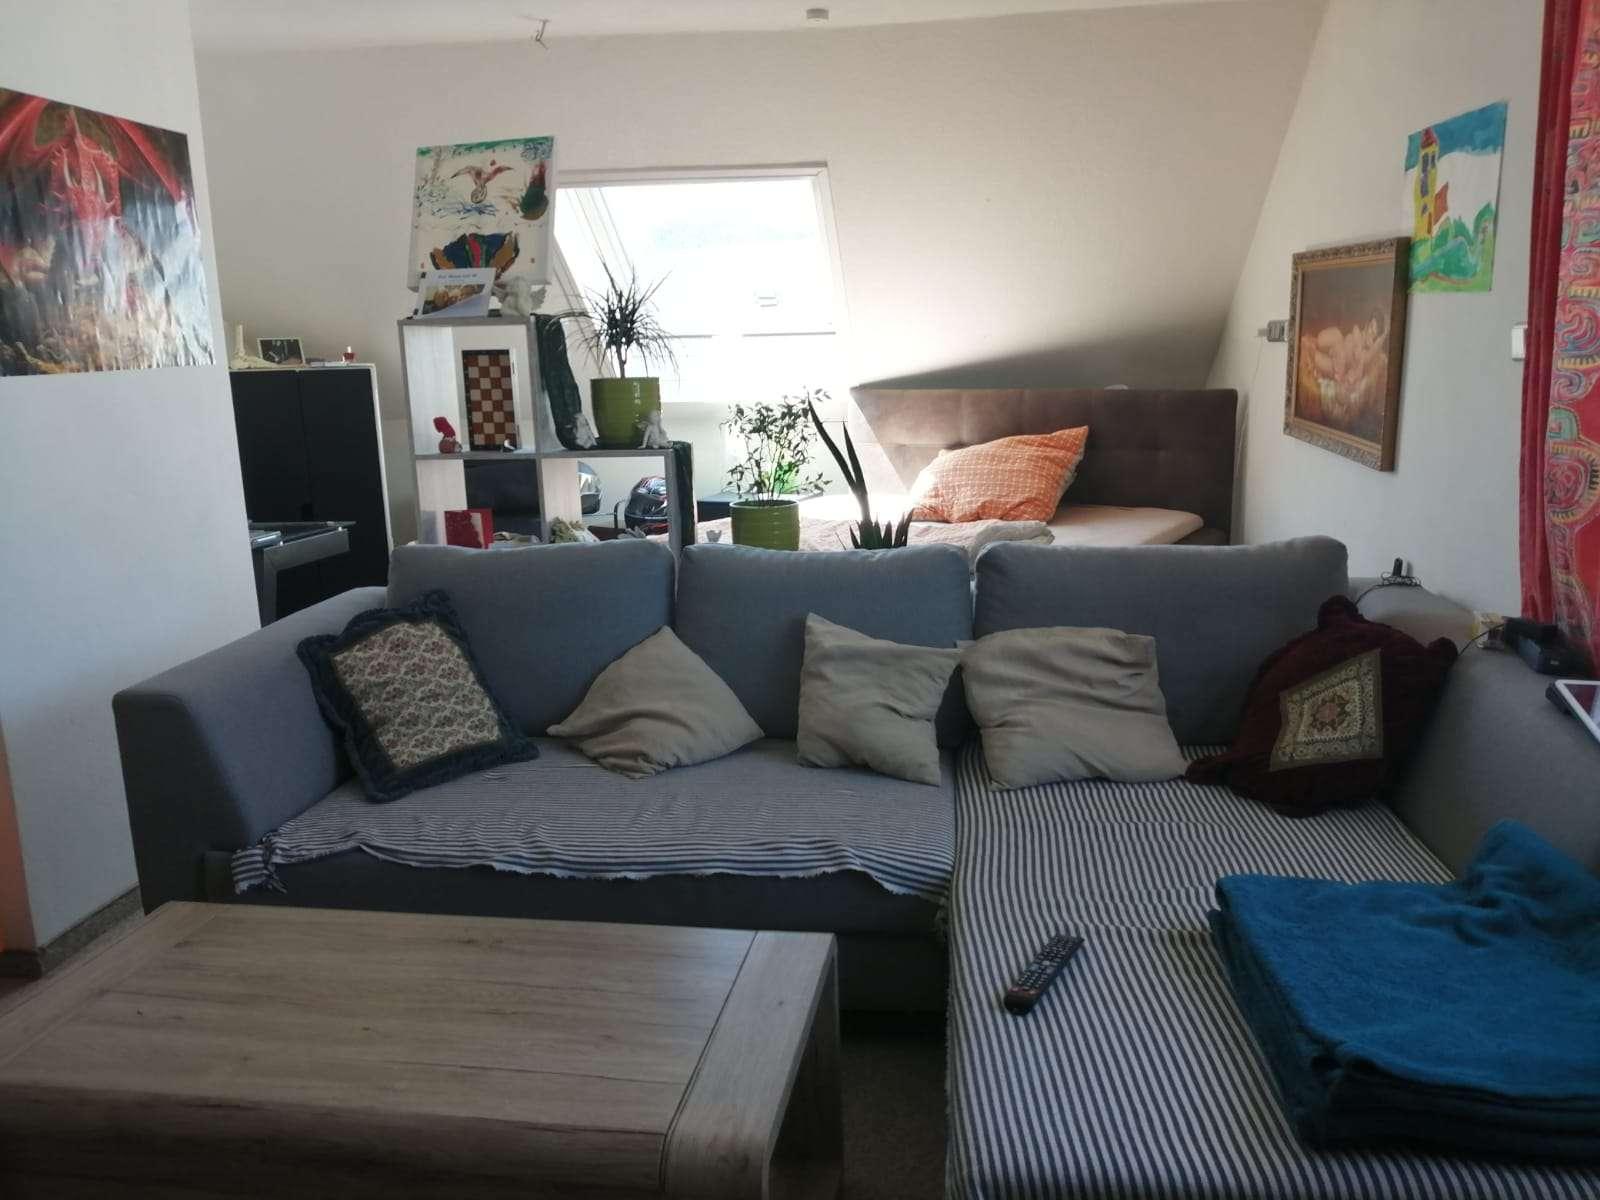 Schöne, geräumige zwei Zimmer Wohnung in Regensburg (Kreis), Lappersdorf